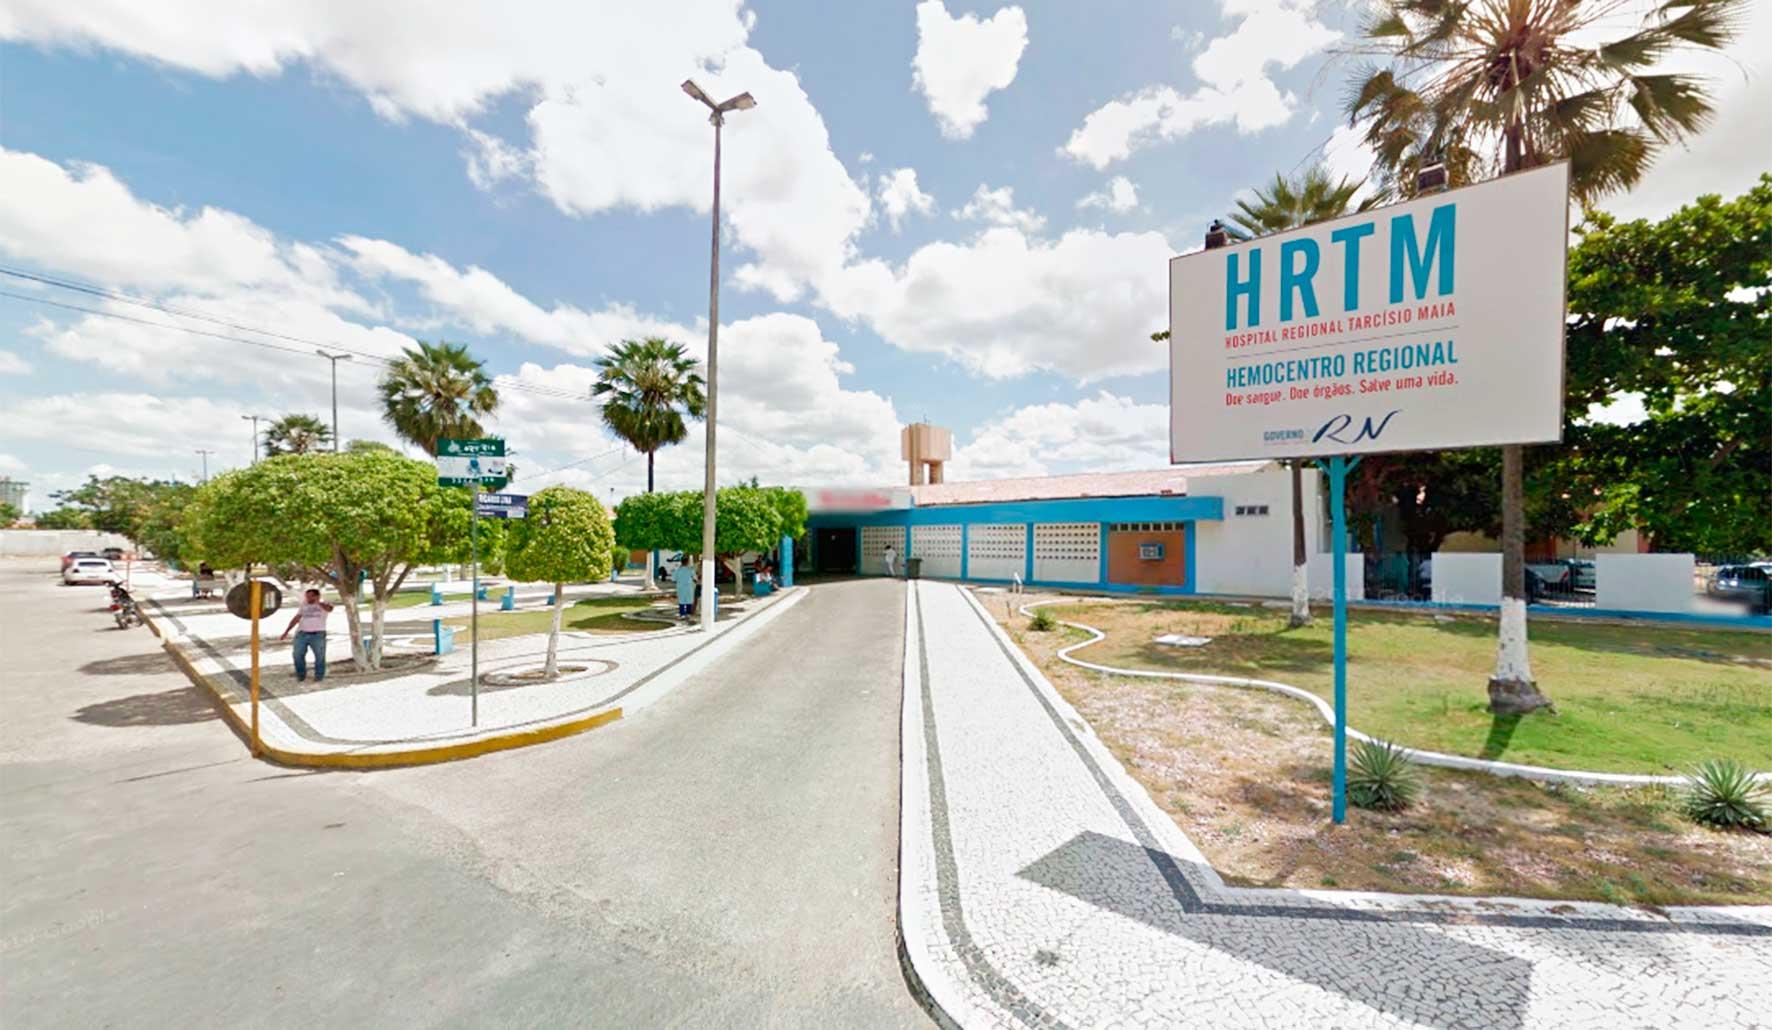 Resultado de imagem para hospital tarcisio maia